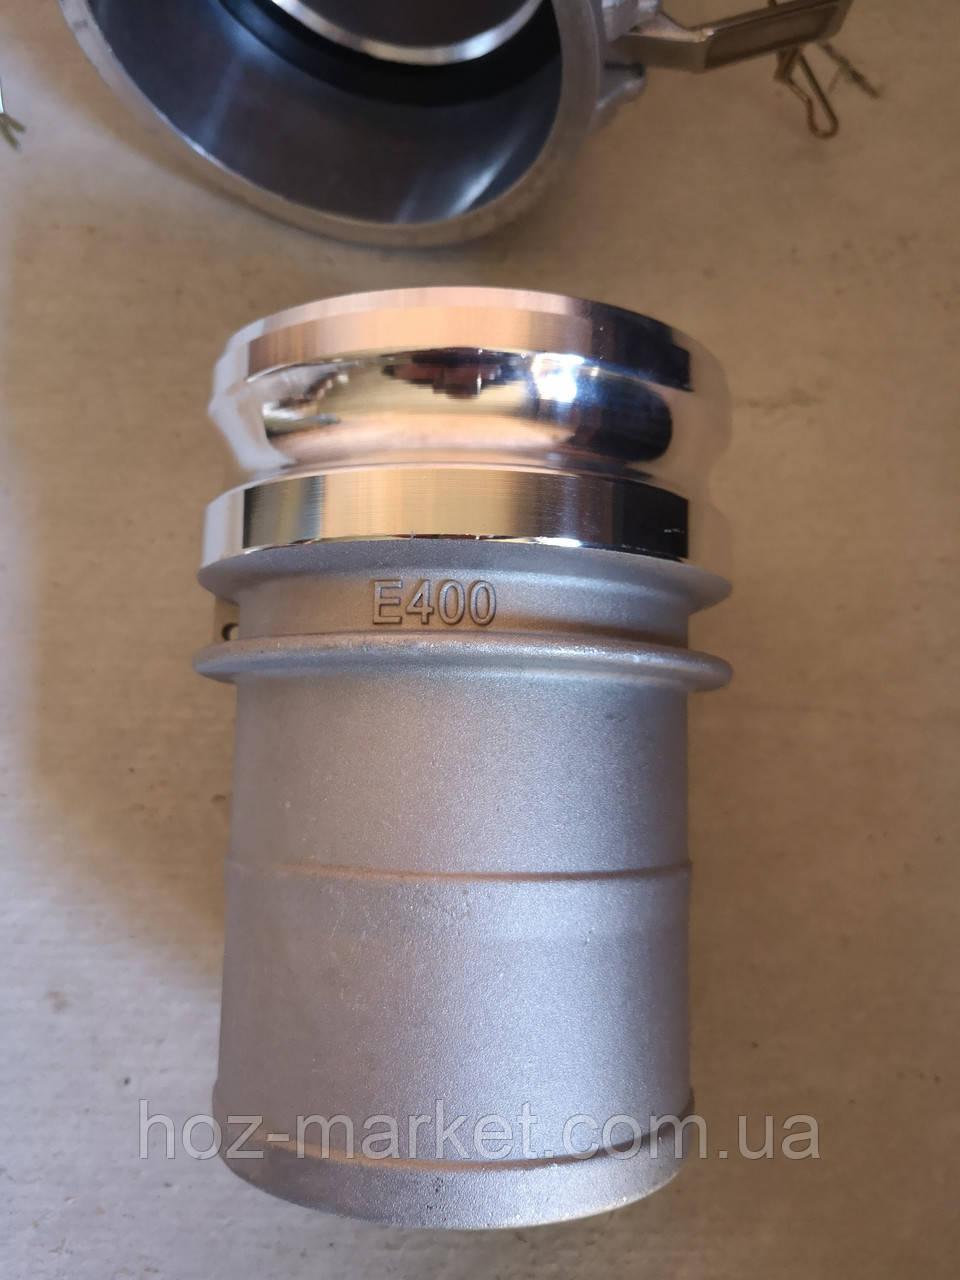 Швидкознімне з'єднання Е-400(тато) для рукава ф.100мм типу Камлок